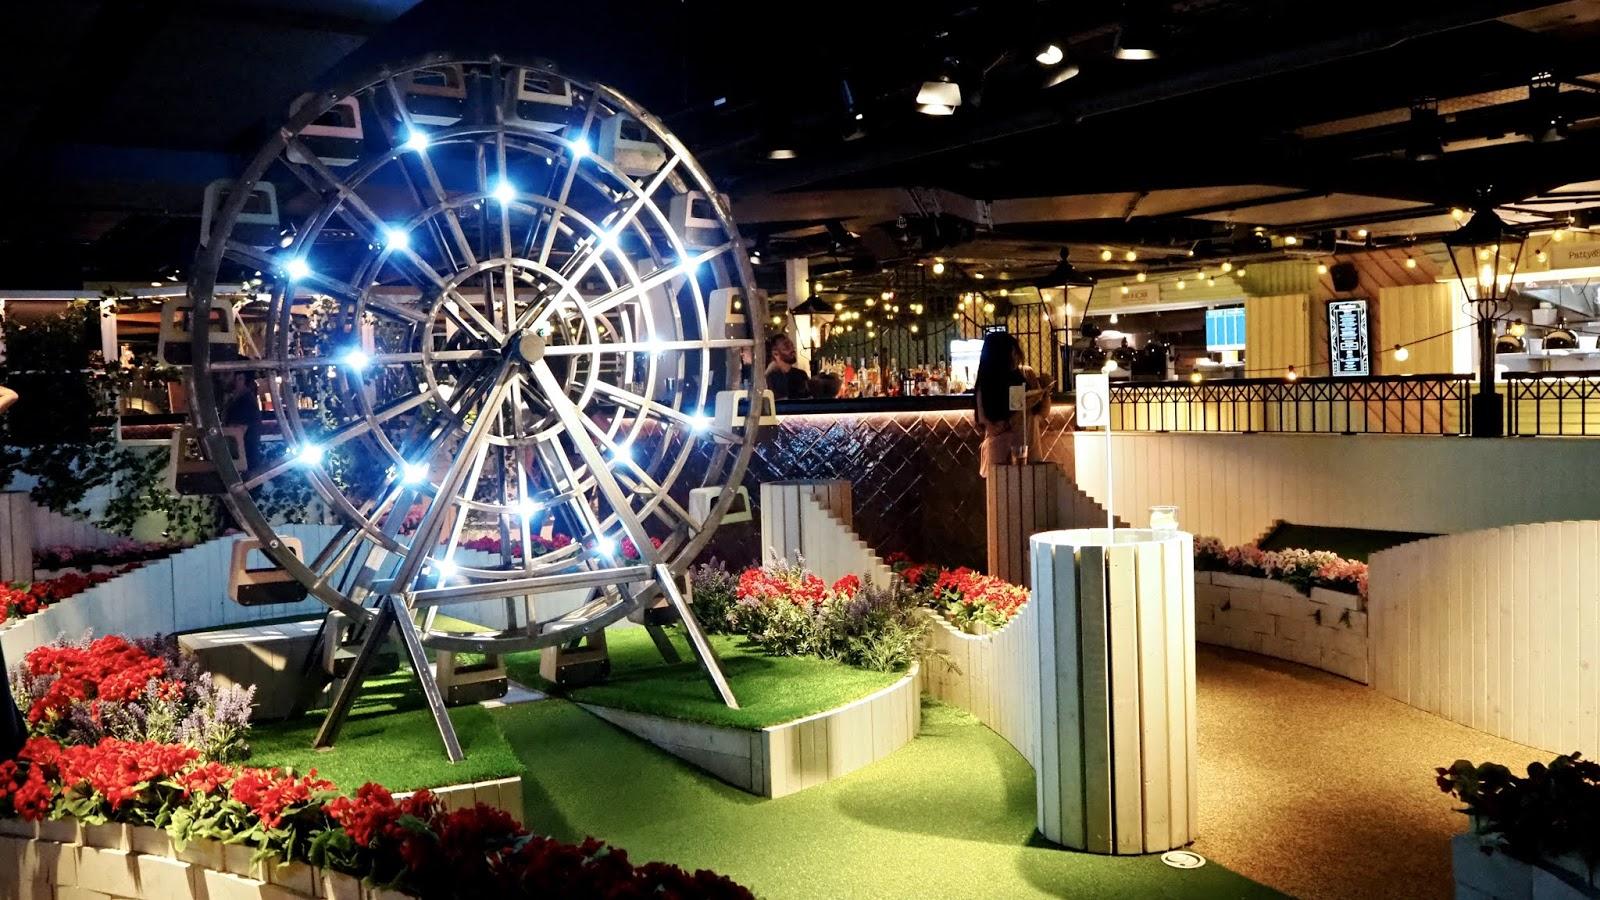 the big wheel at mini golf